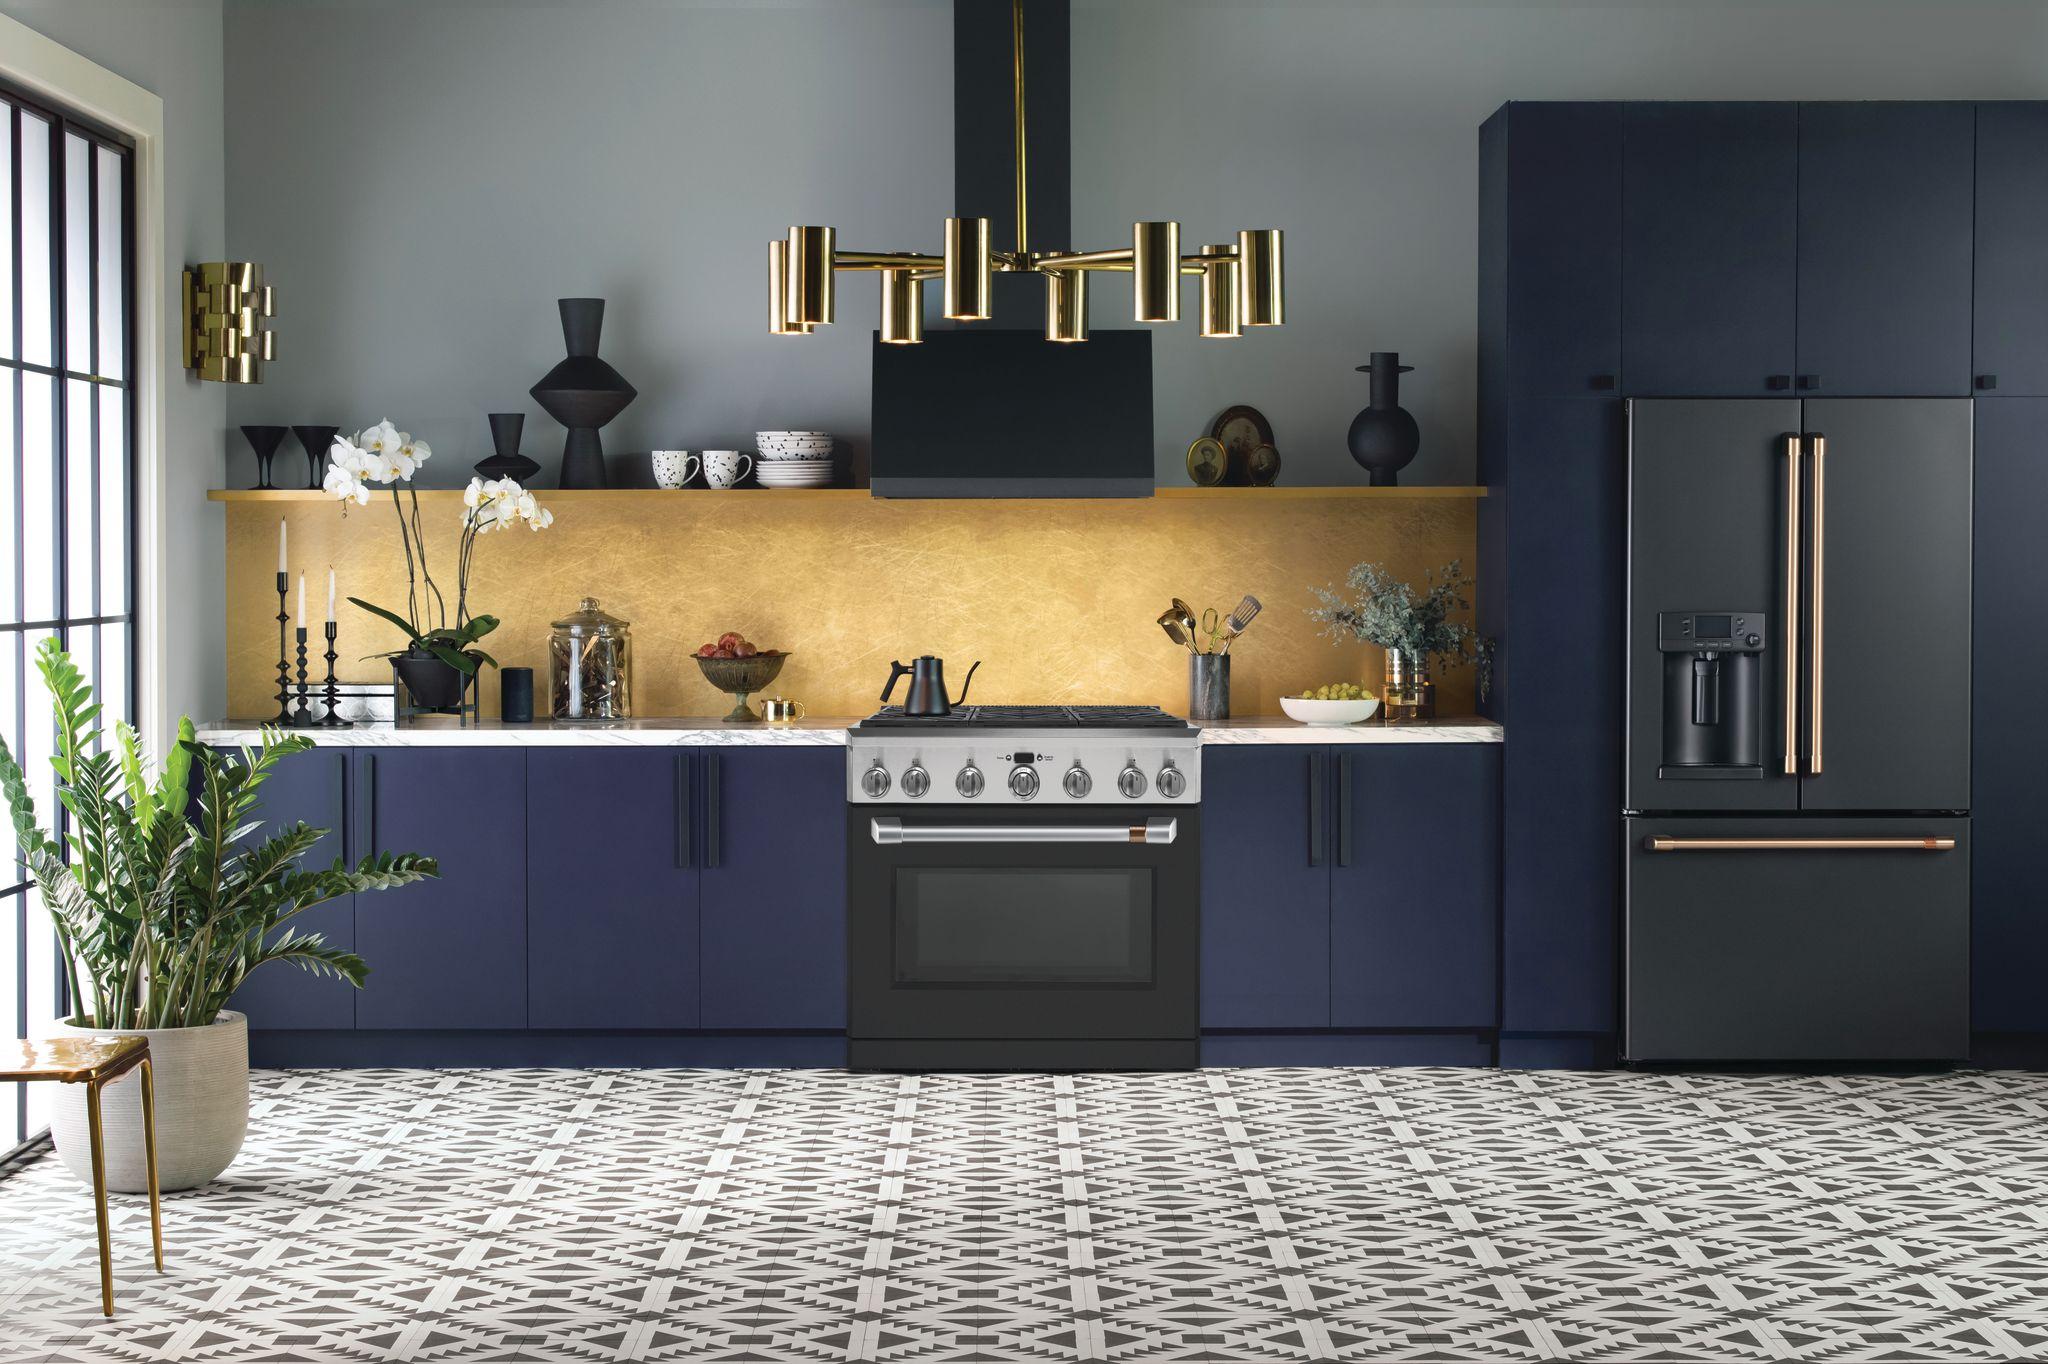 Café: La línea de cocinas para fanáticos del diseño interior y la gastronomía (muy instagrameables)